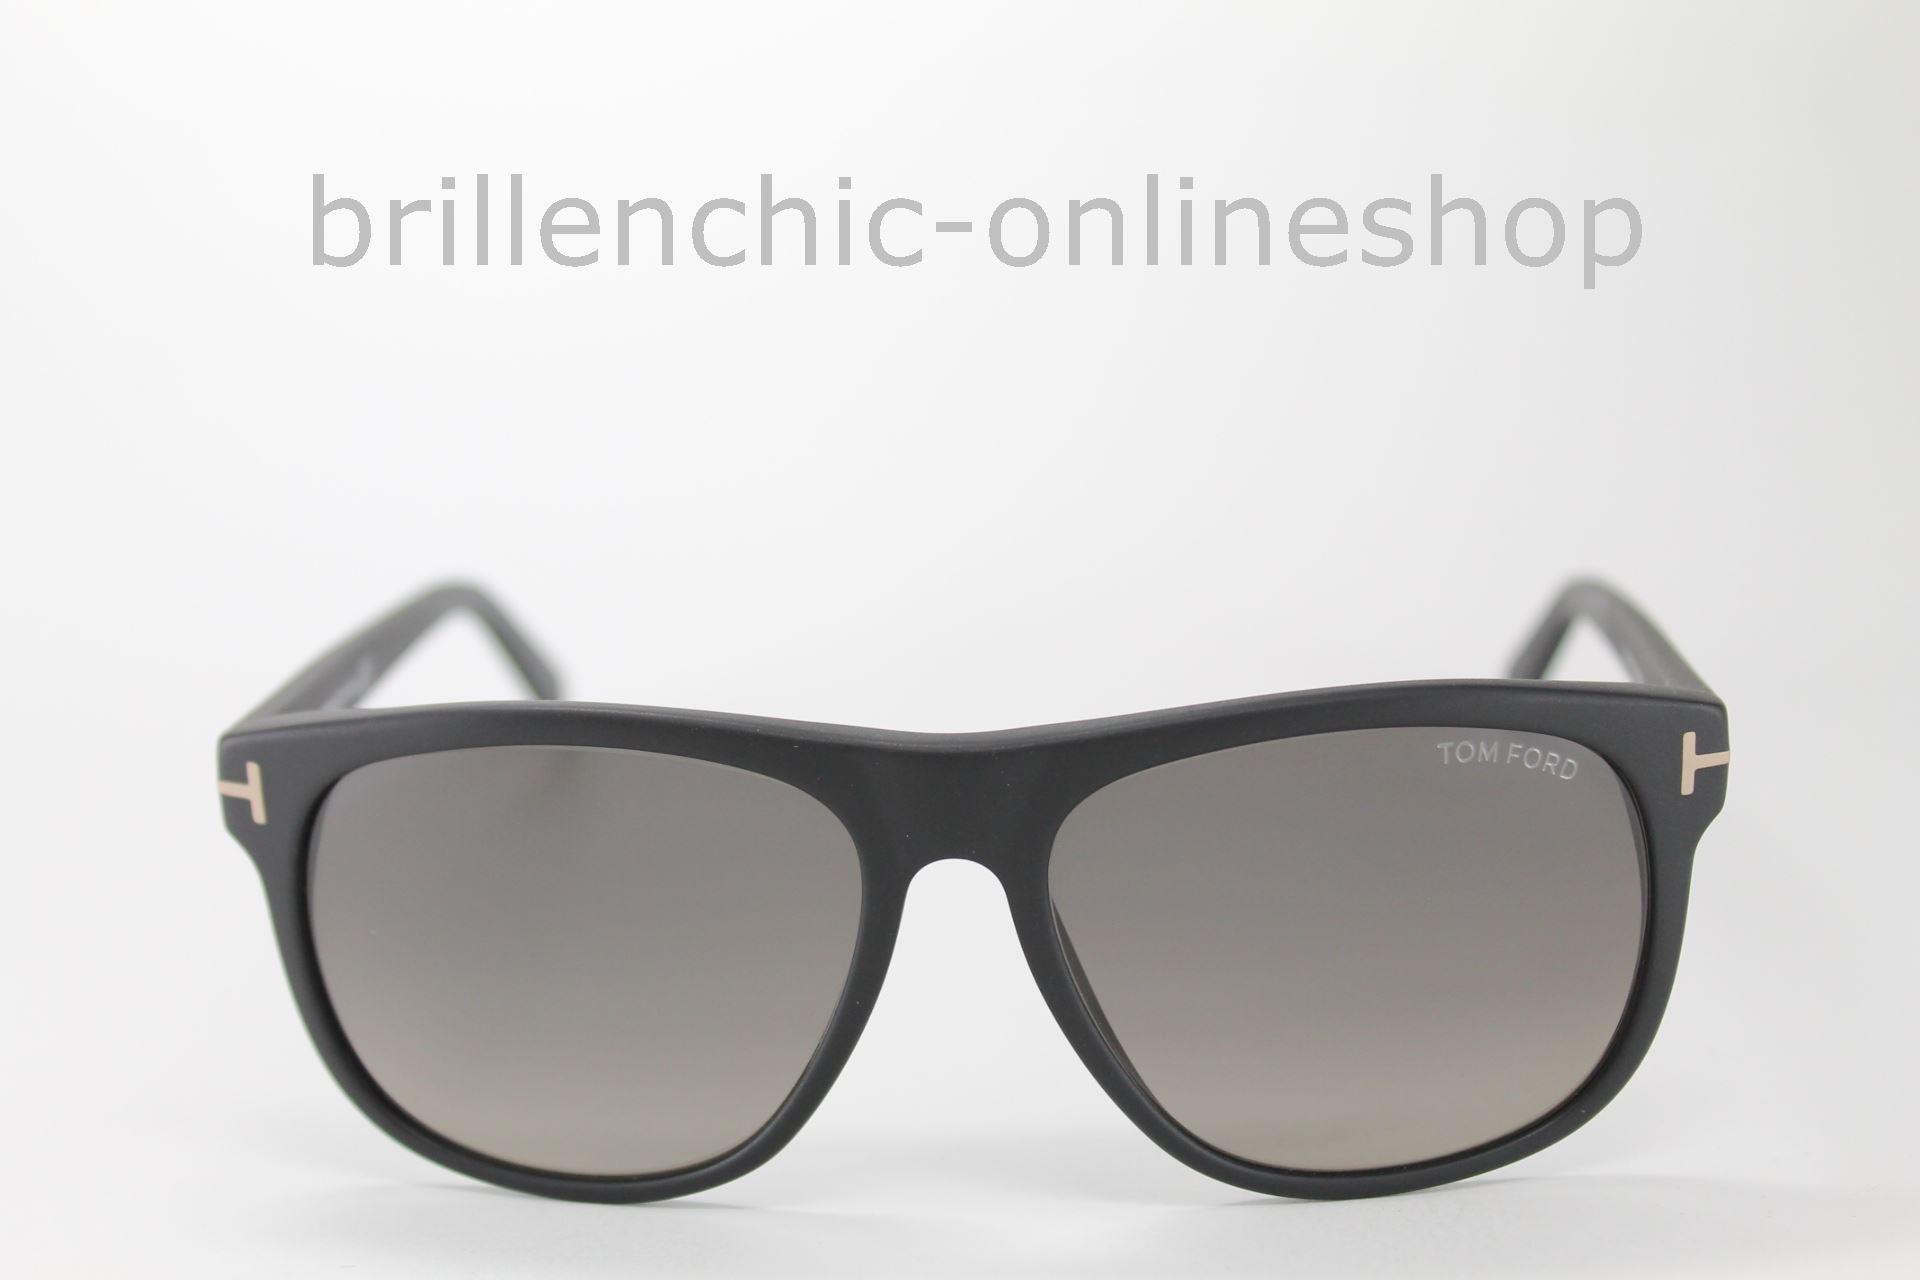 915bed620fb71 Brillenchic - onlineshop Berlin Ihr starker Partner für exklusive ...